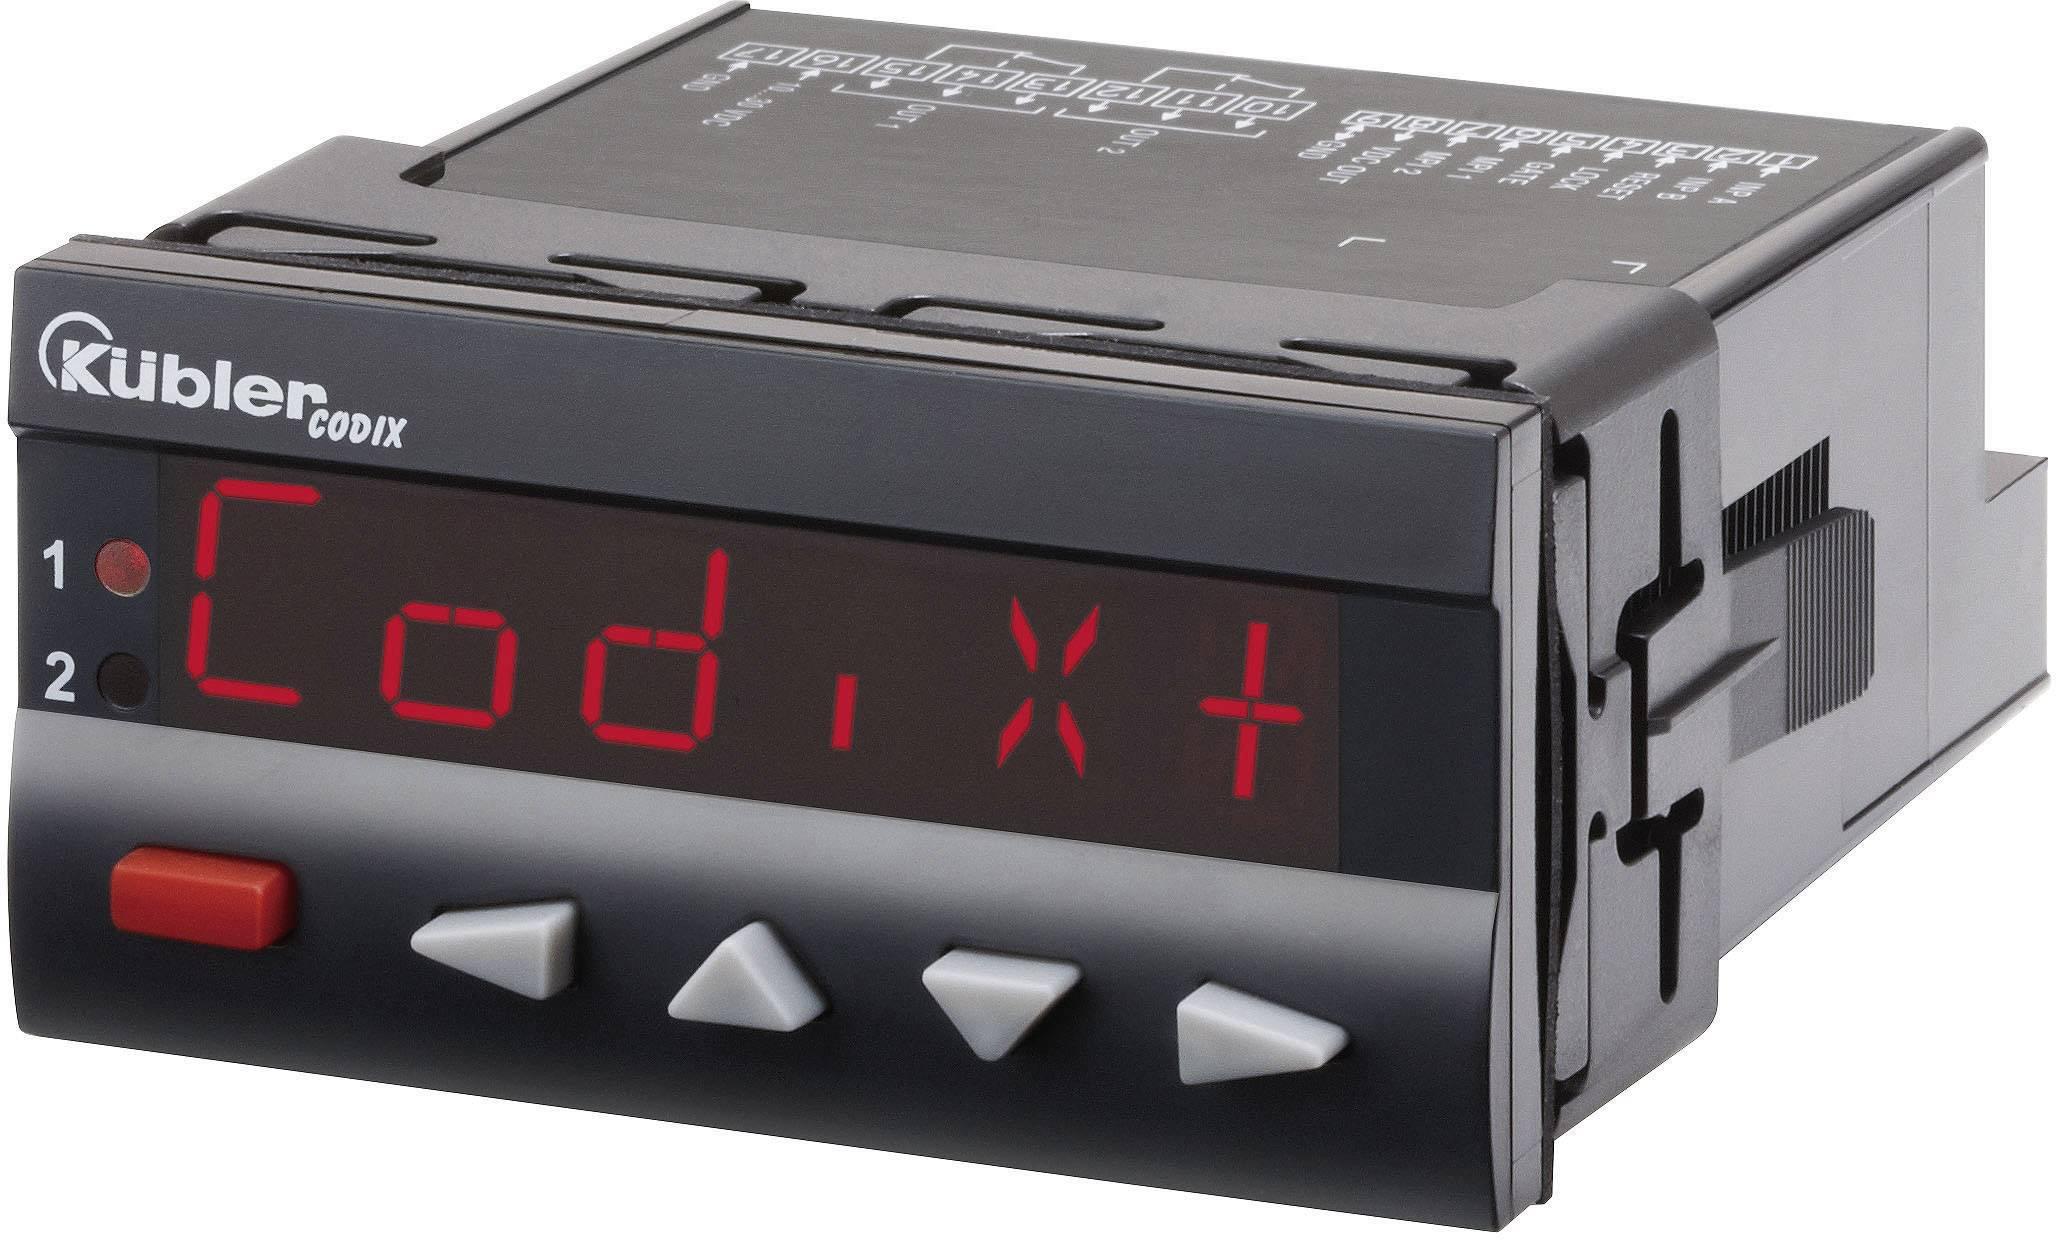 Čítač s predvoľbou Kübler Codix 560 DC, RS232, 10 - 30 V/DC